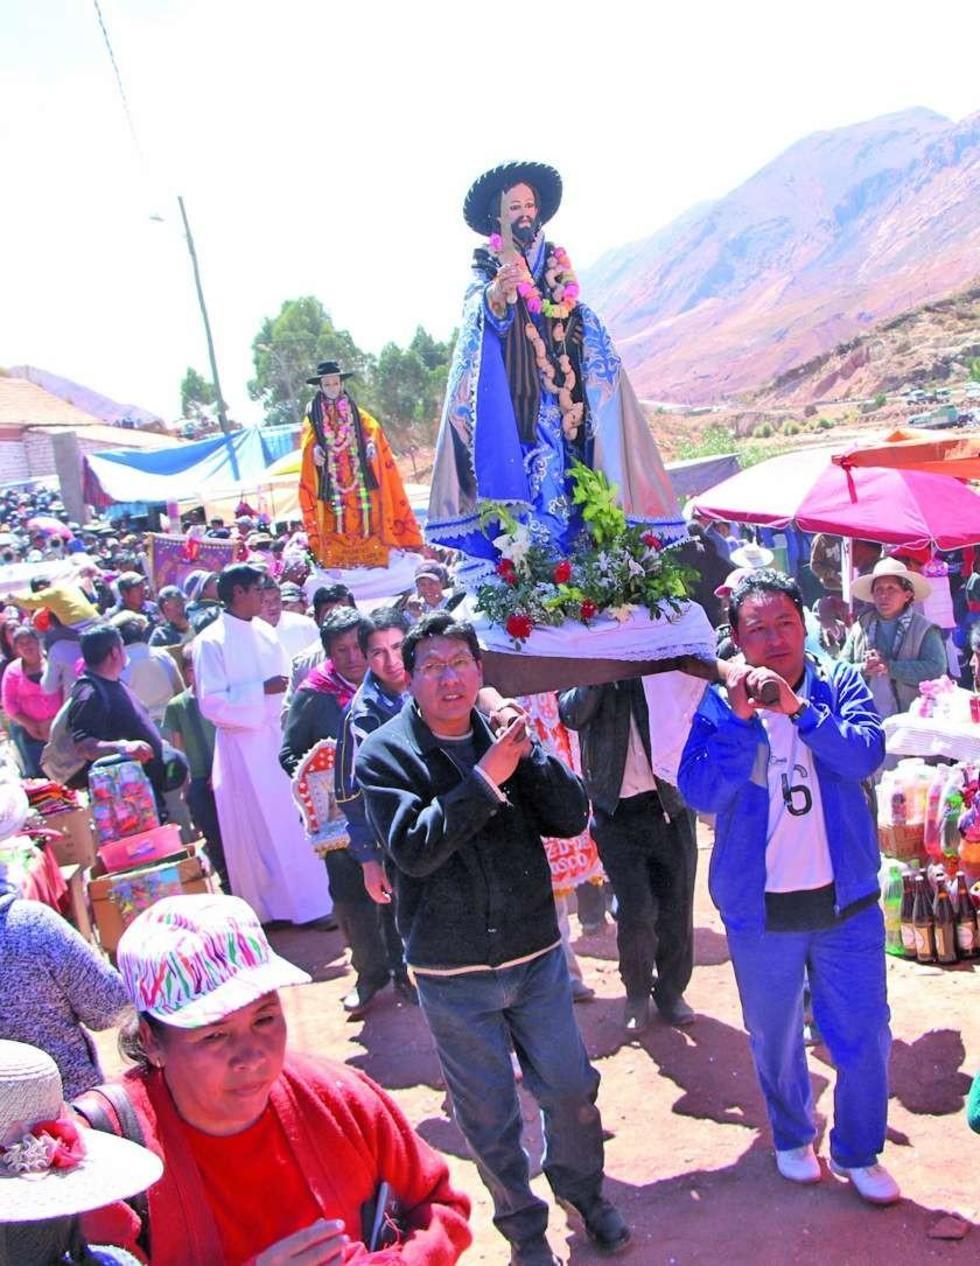 La procesión en la localidad de La Puerta.